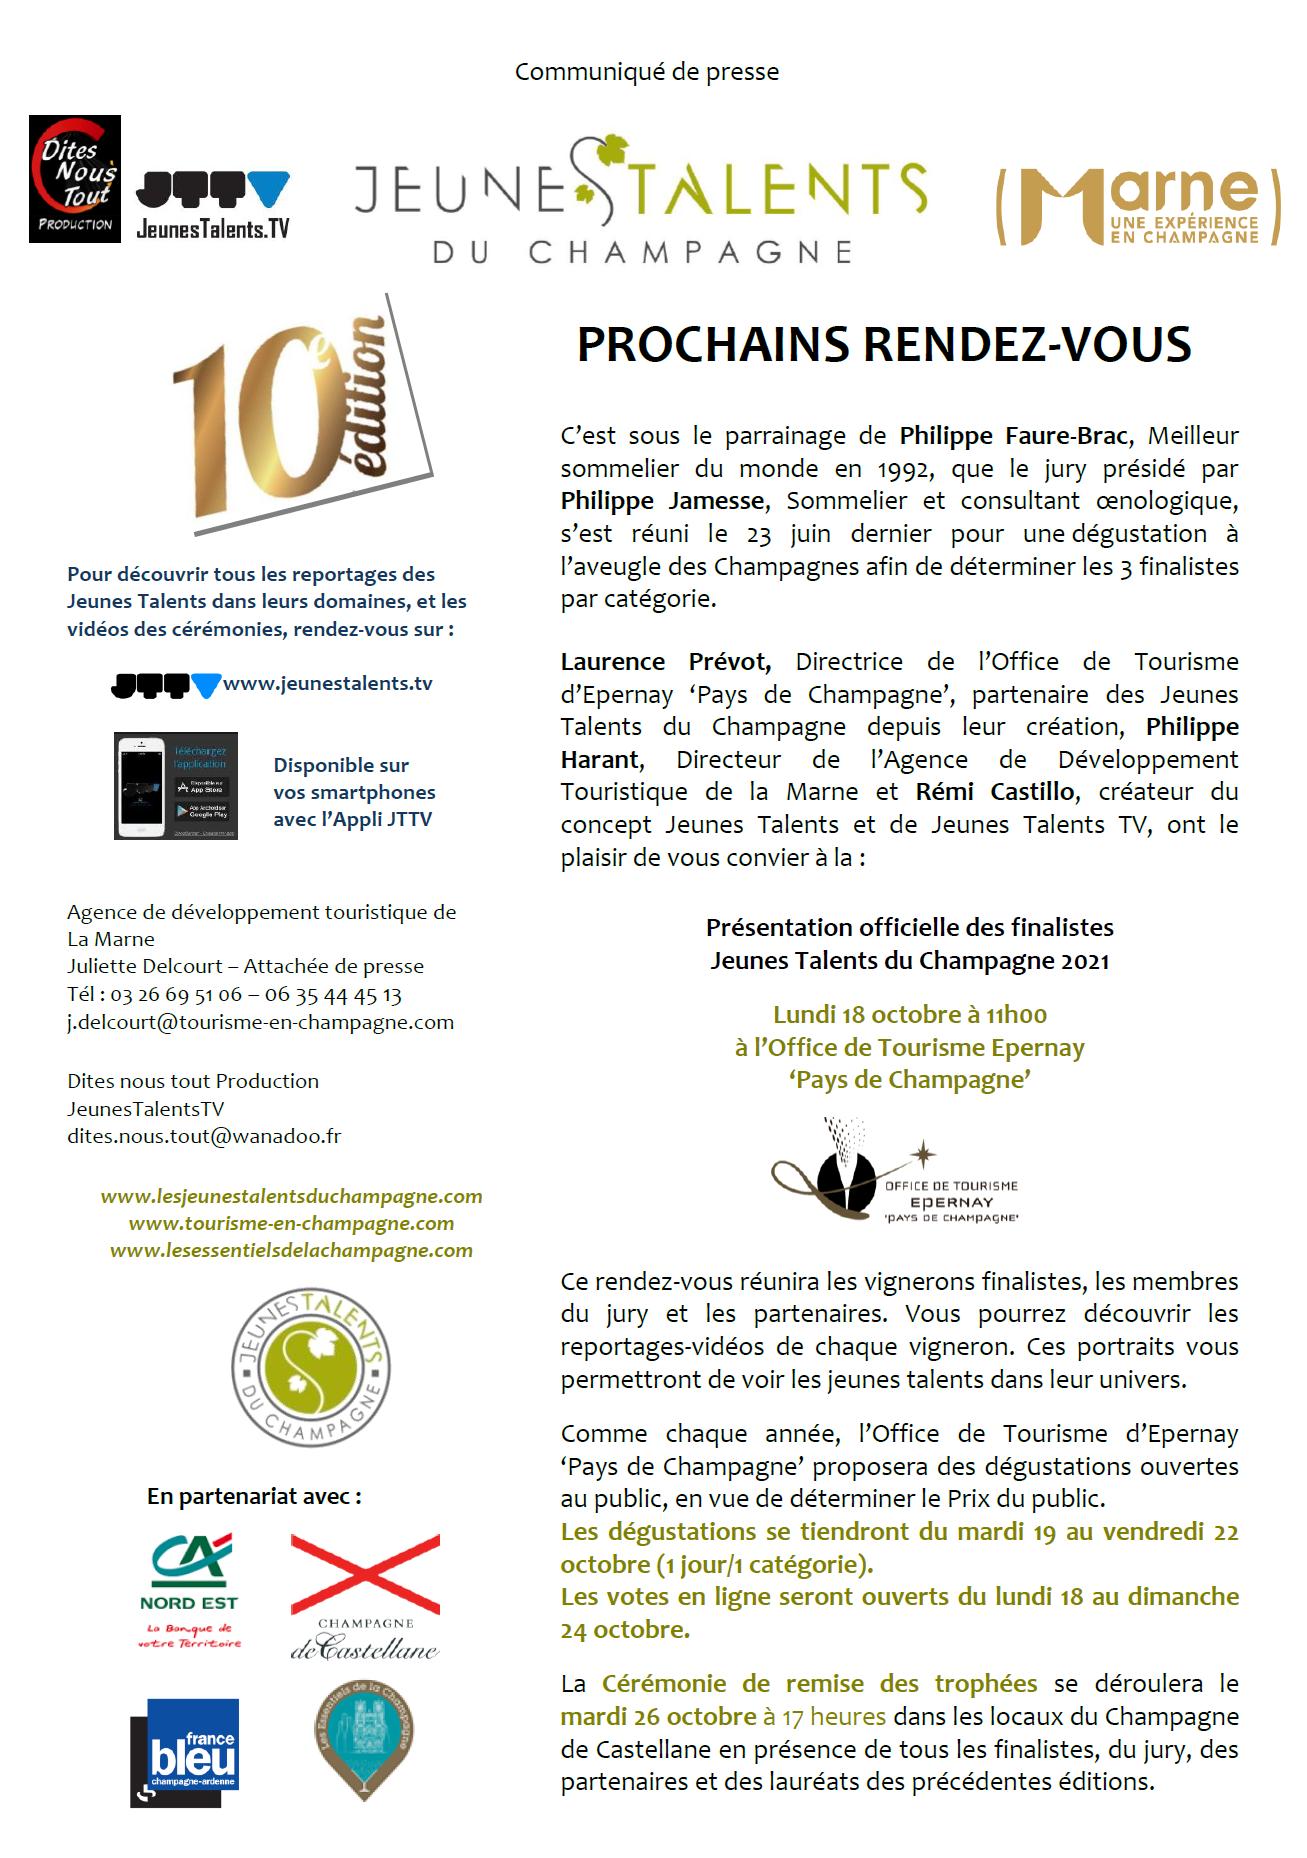 CP PROCHAINS RENDEZ VOUS JT CHAMPAGNE 2021